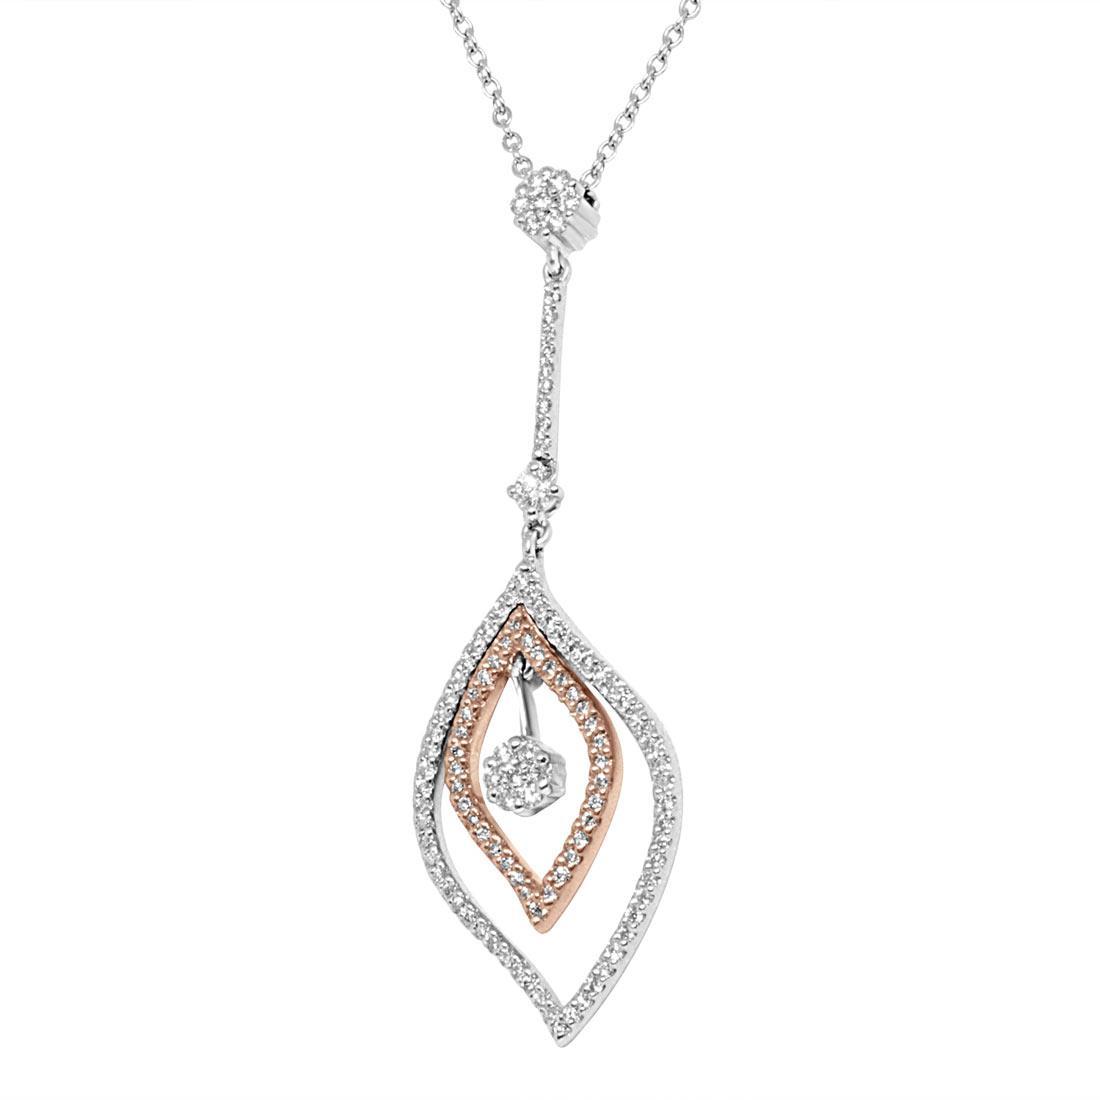 Collana in oro bianco e rosa, pendente design foglie con diamanti - ALFIERI ST JOHN